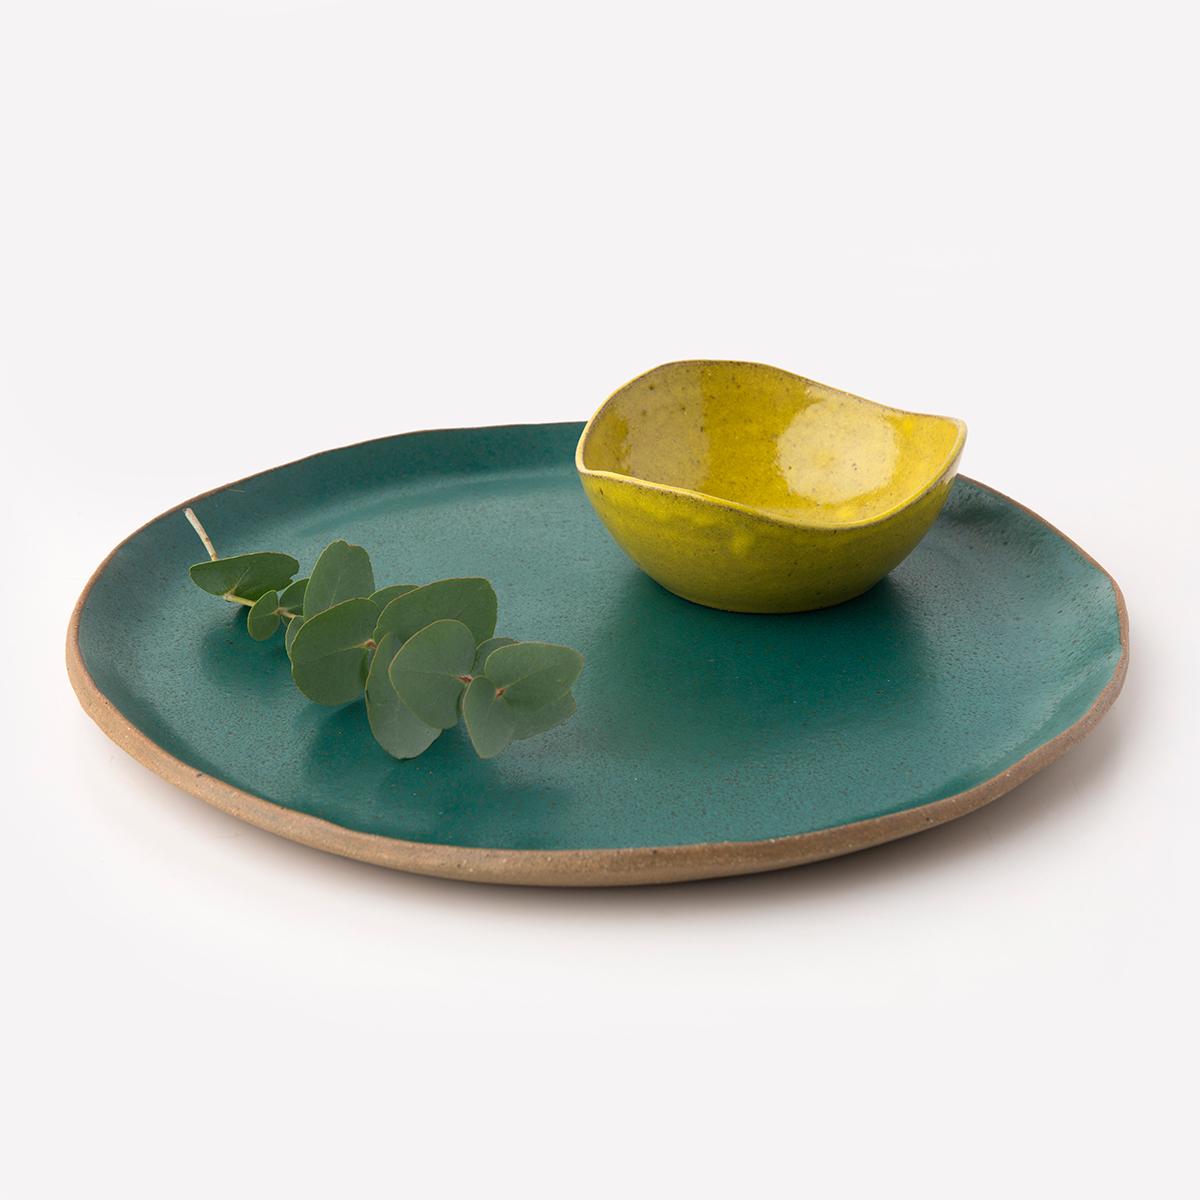 Prato Orgânico Verde e Bowl Onda Amarelo